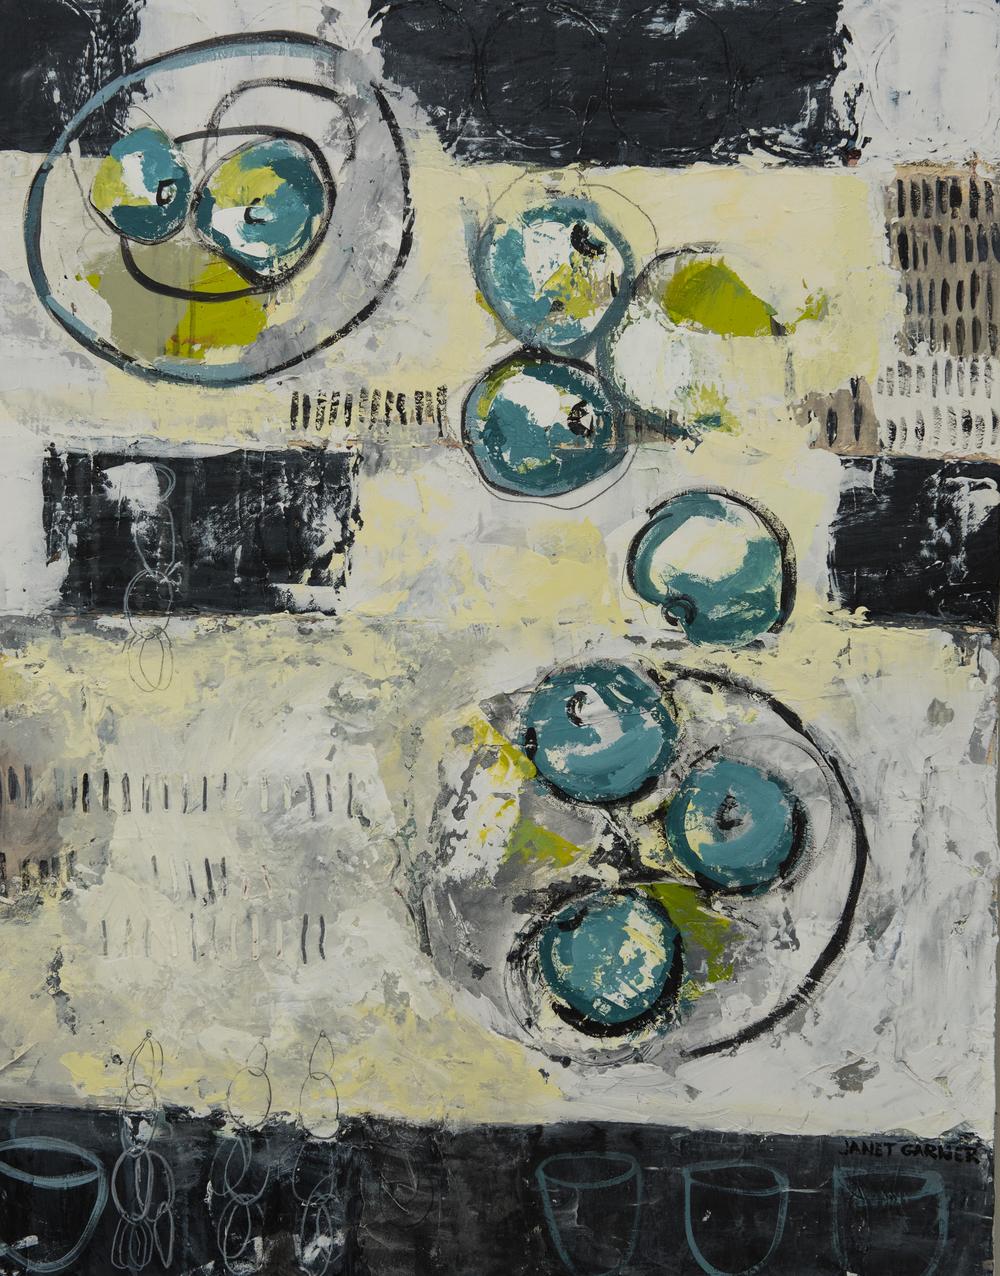 """Blue Apples, 2015 Acrylic on canvas 24"""" x 30"""""""